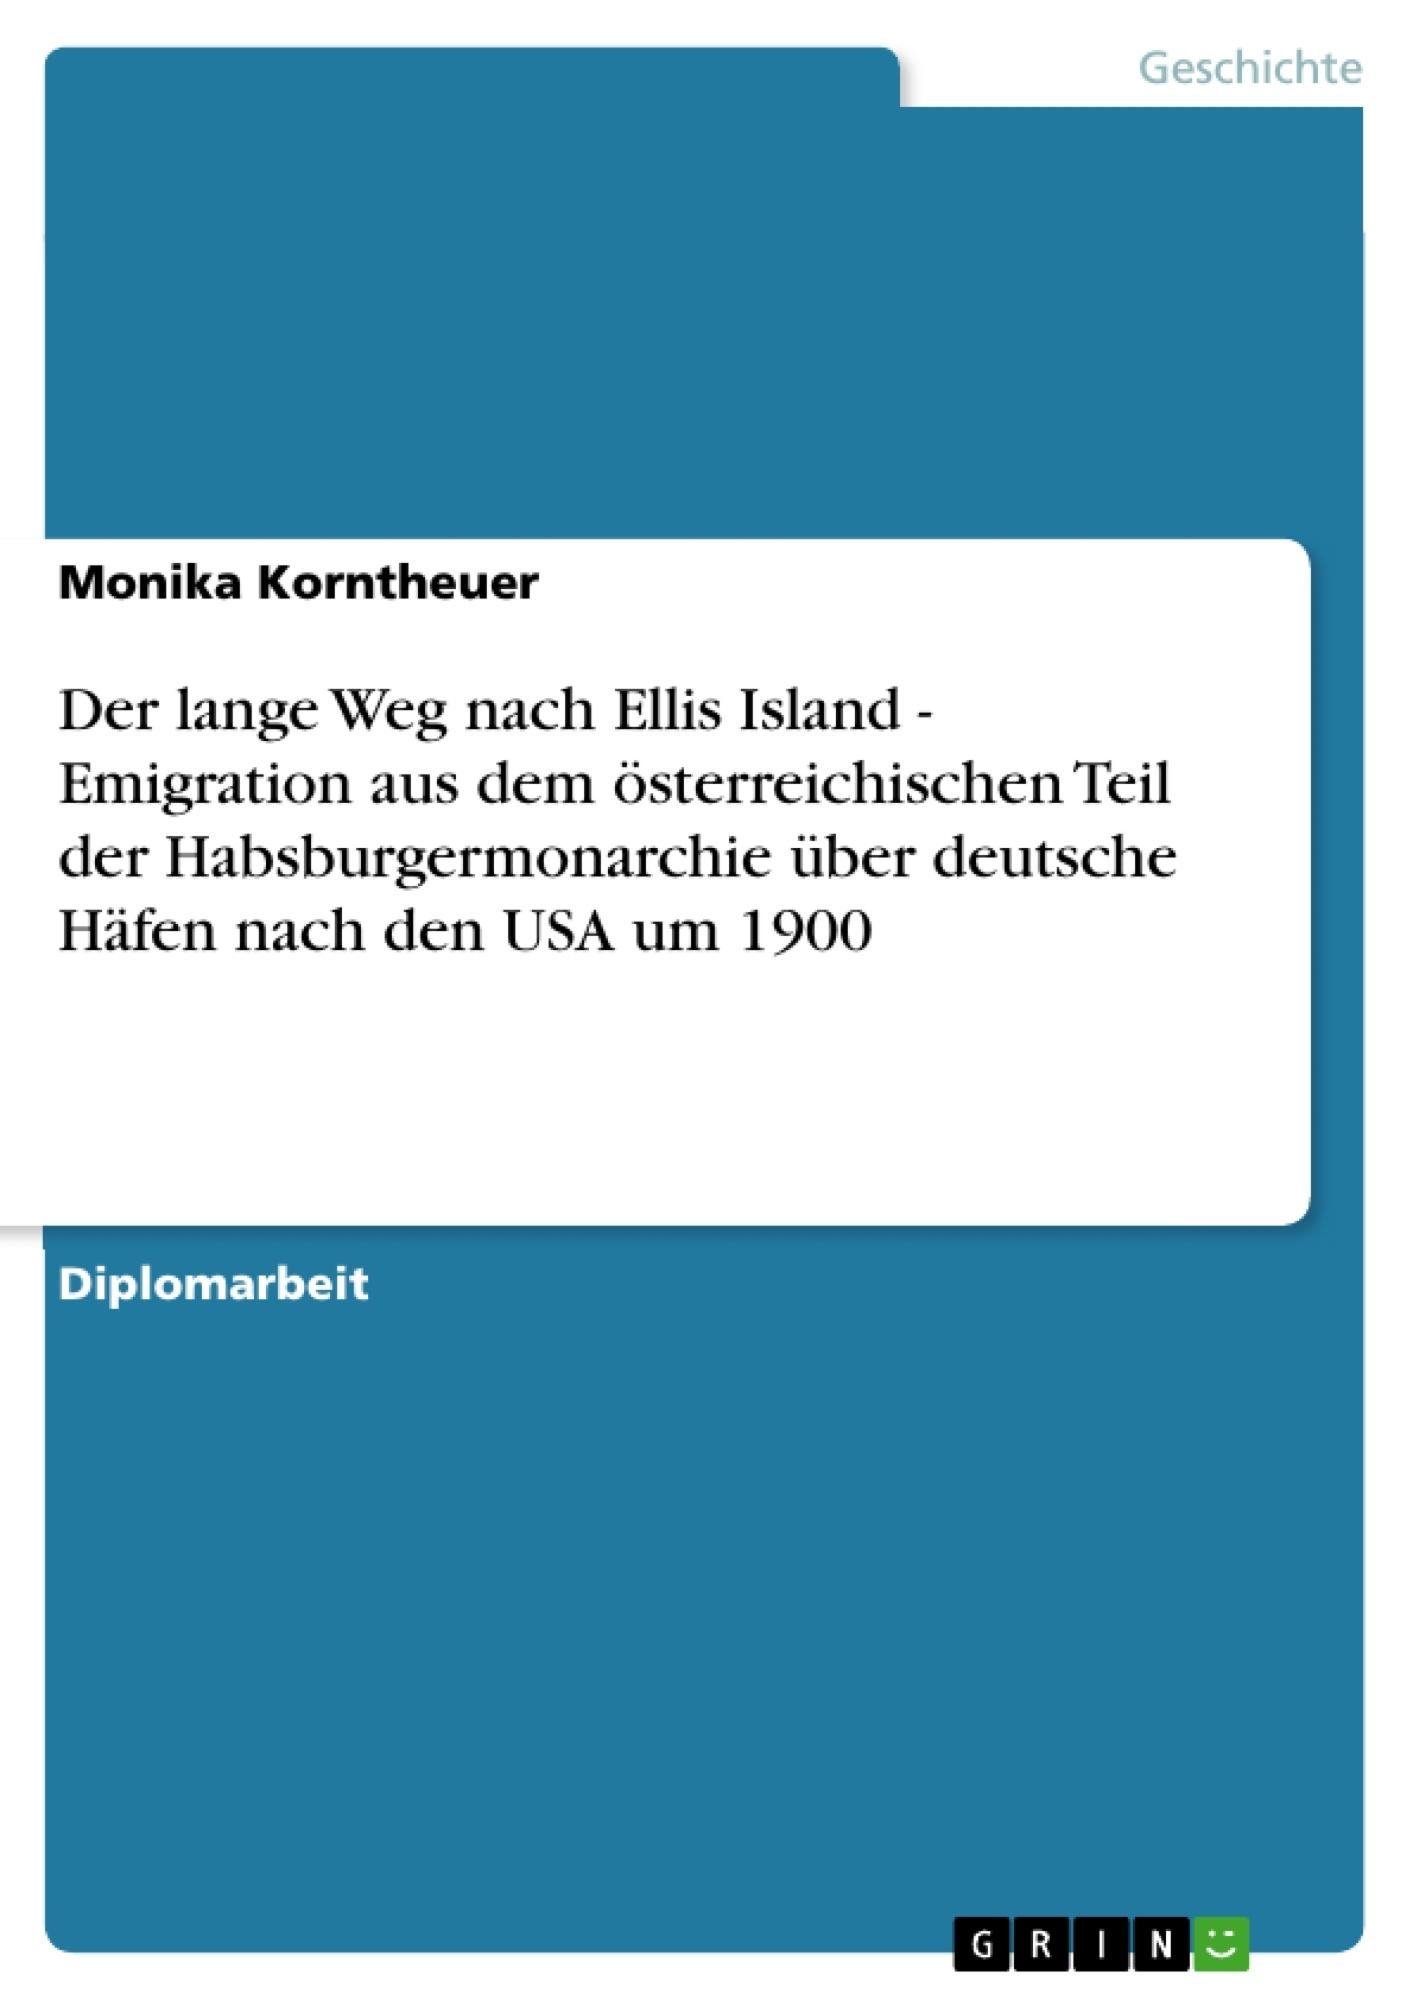 Titel: Der lange Weg nach Ellis Island - Emigration aus dem österreichischen Teil der Habsburgermonarchie über deutsche Häfen nach den USA um 1900